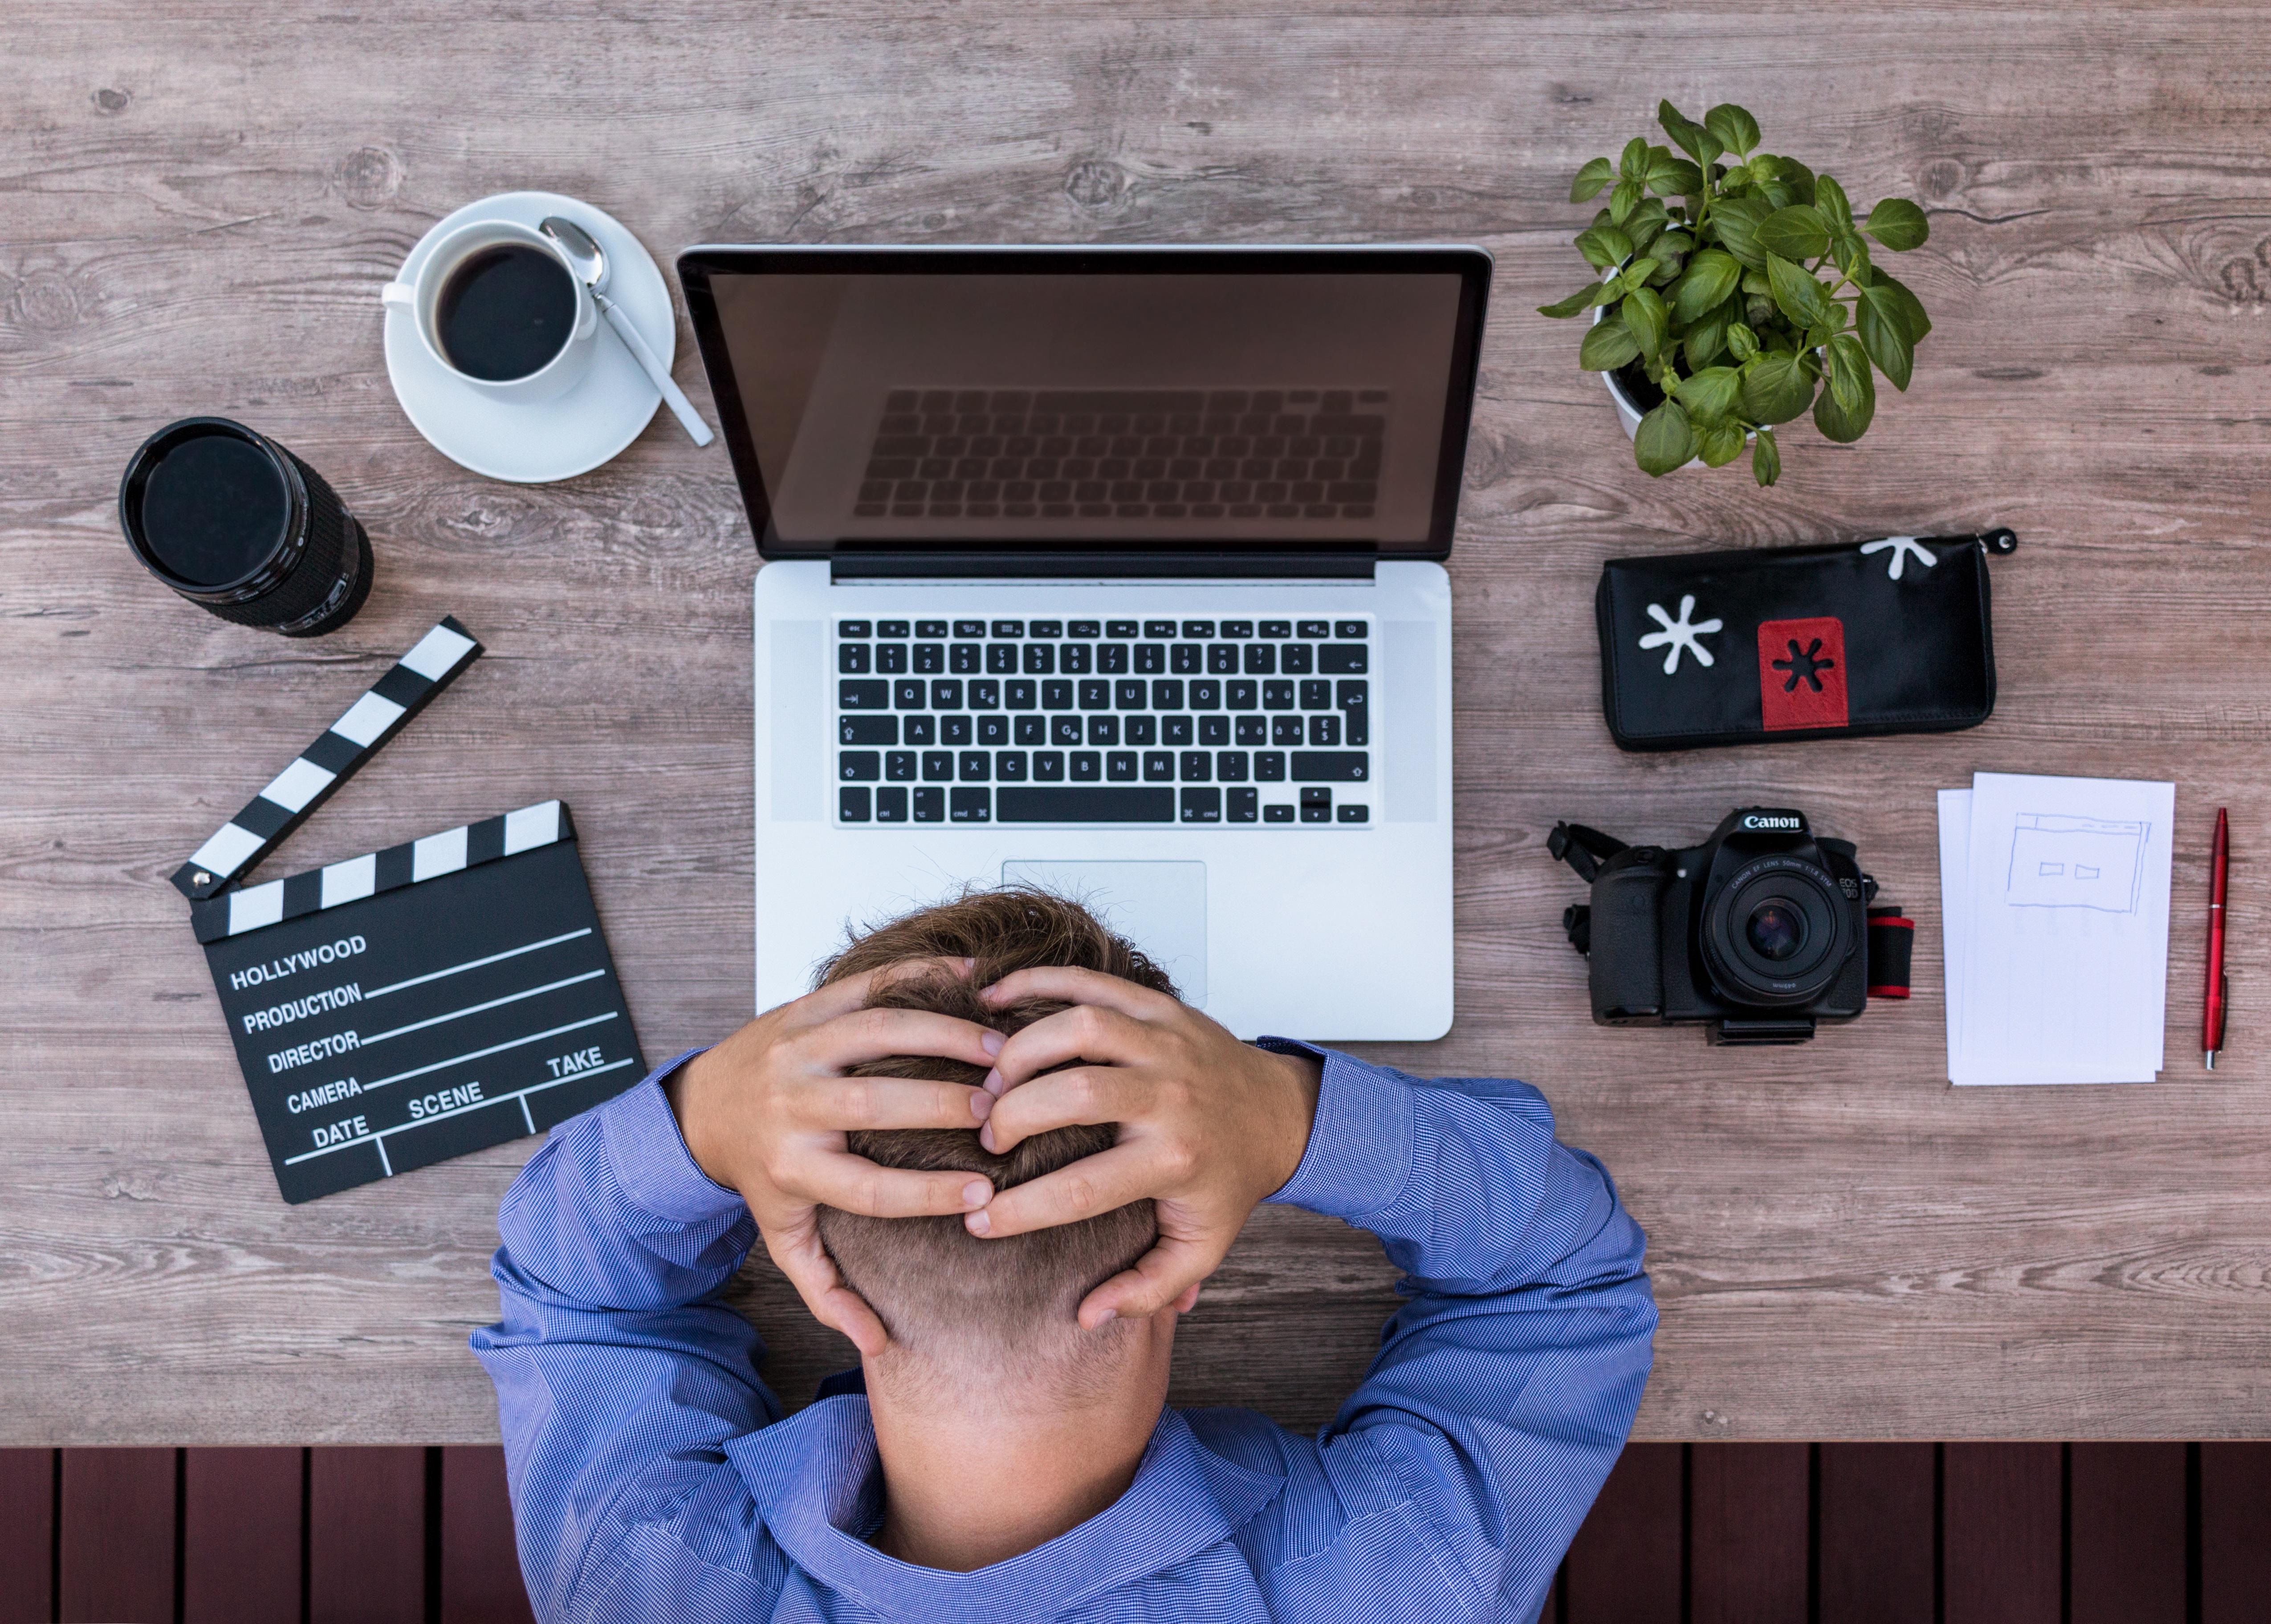 Migräne, Kopfschmerzen, Arbeit, Stress